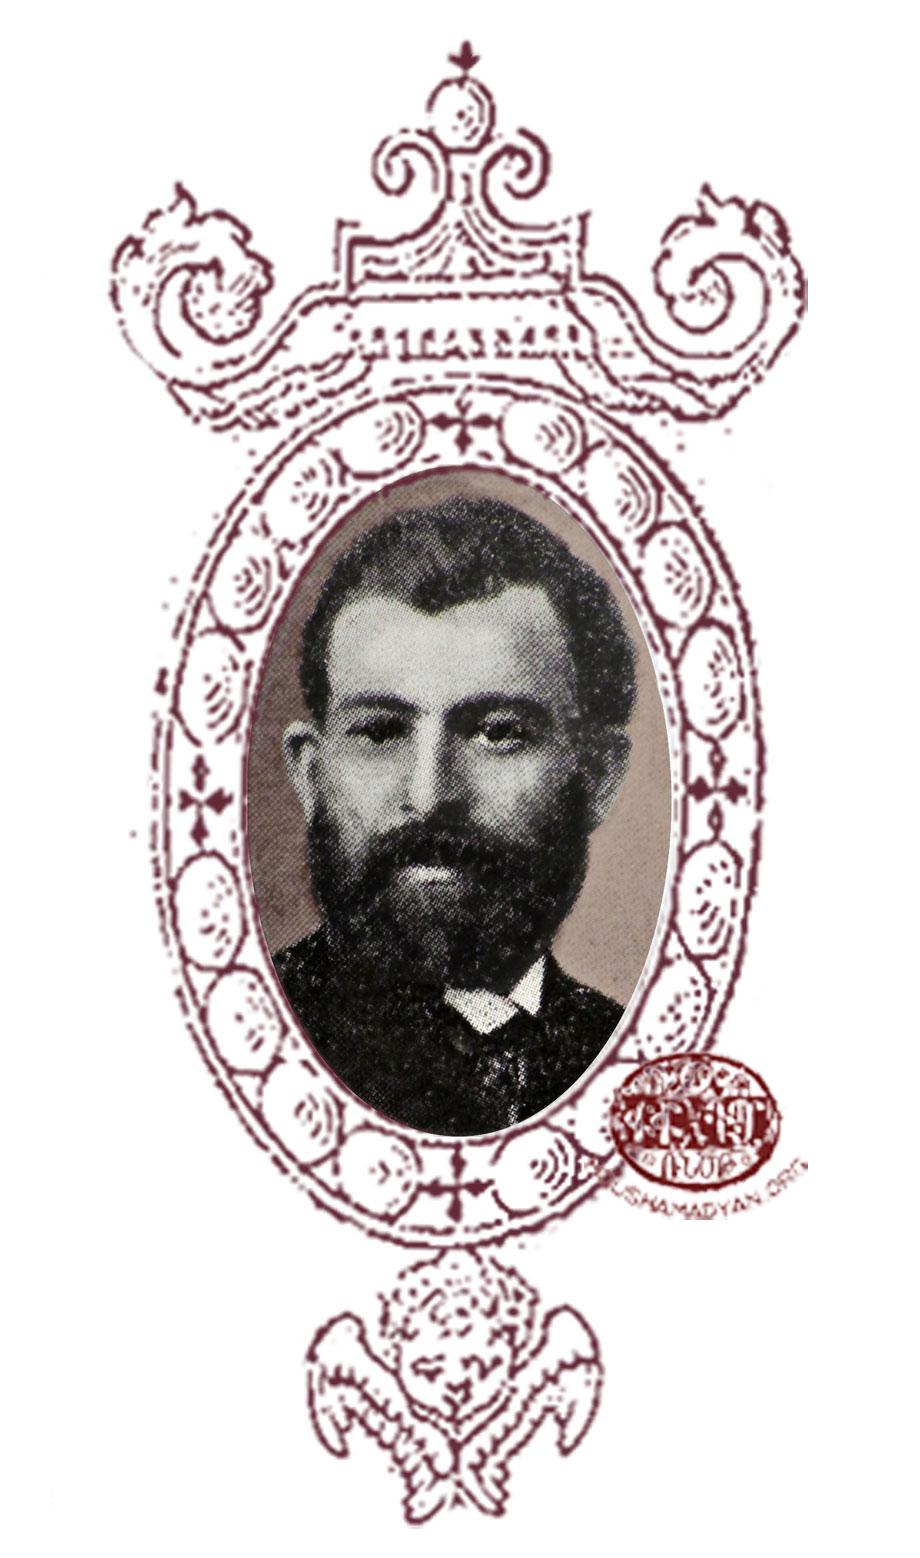 Մարտիրոս Շմաւոնեան